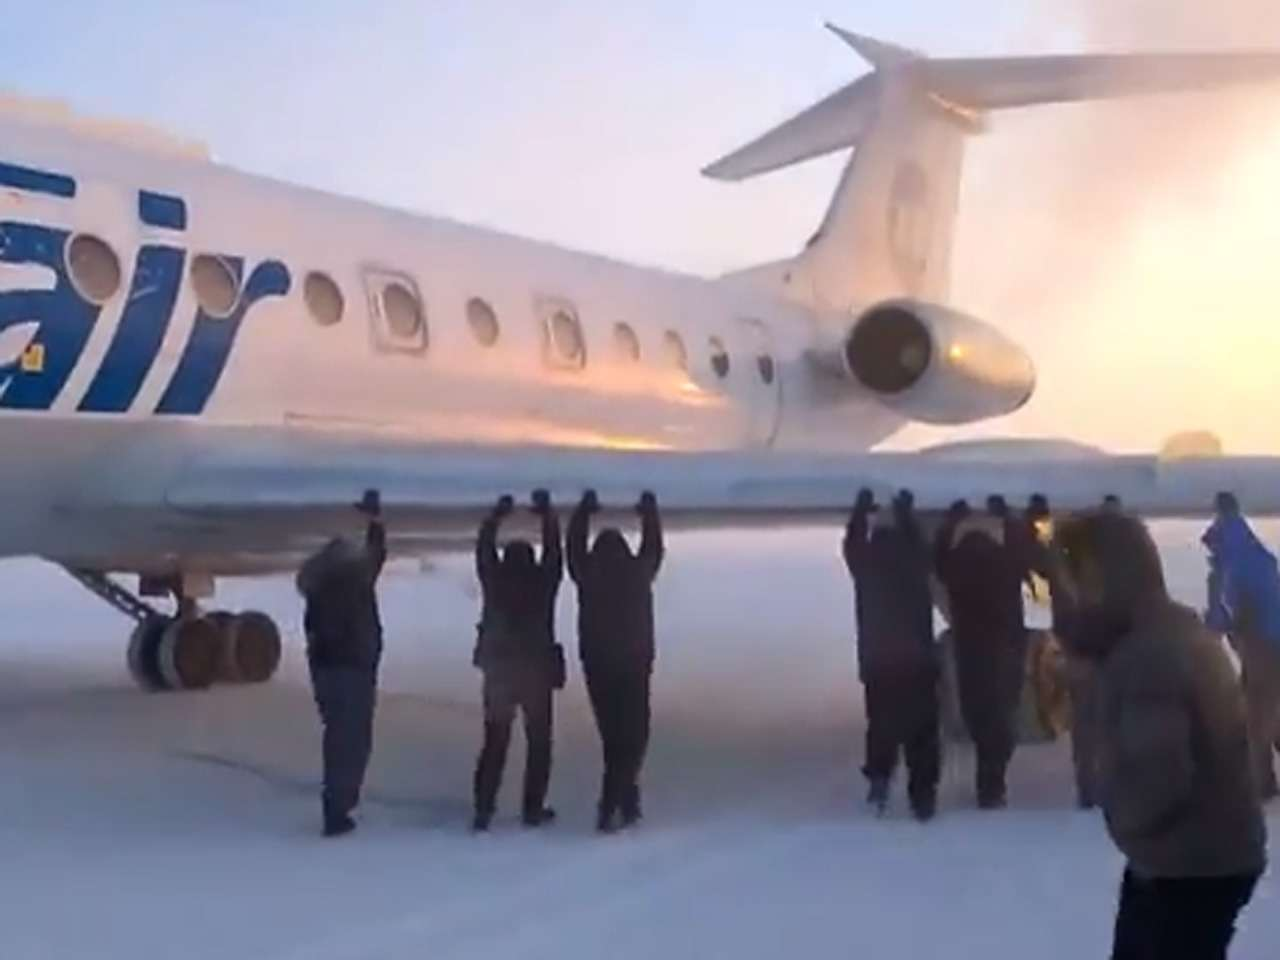 Ante la desesperación por llegar a sus casas, los pasajeros bajaron y empujaron el avión Foto: YouTube